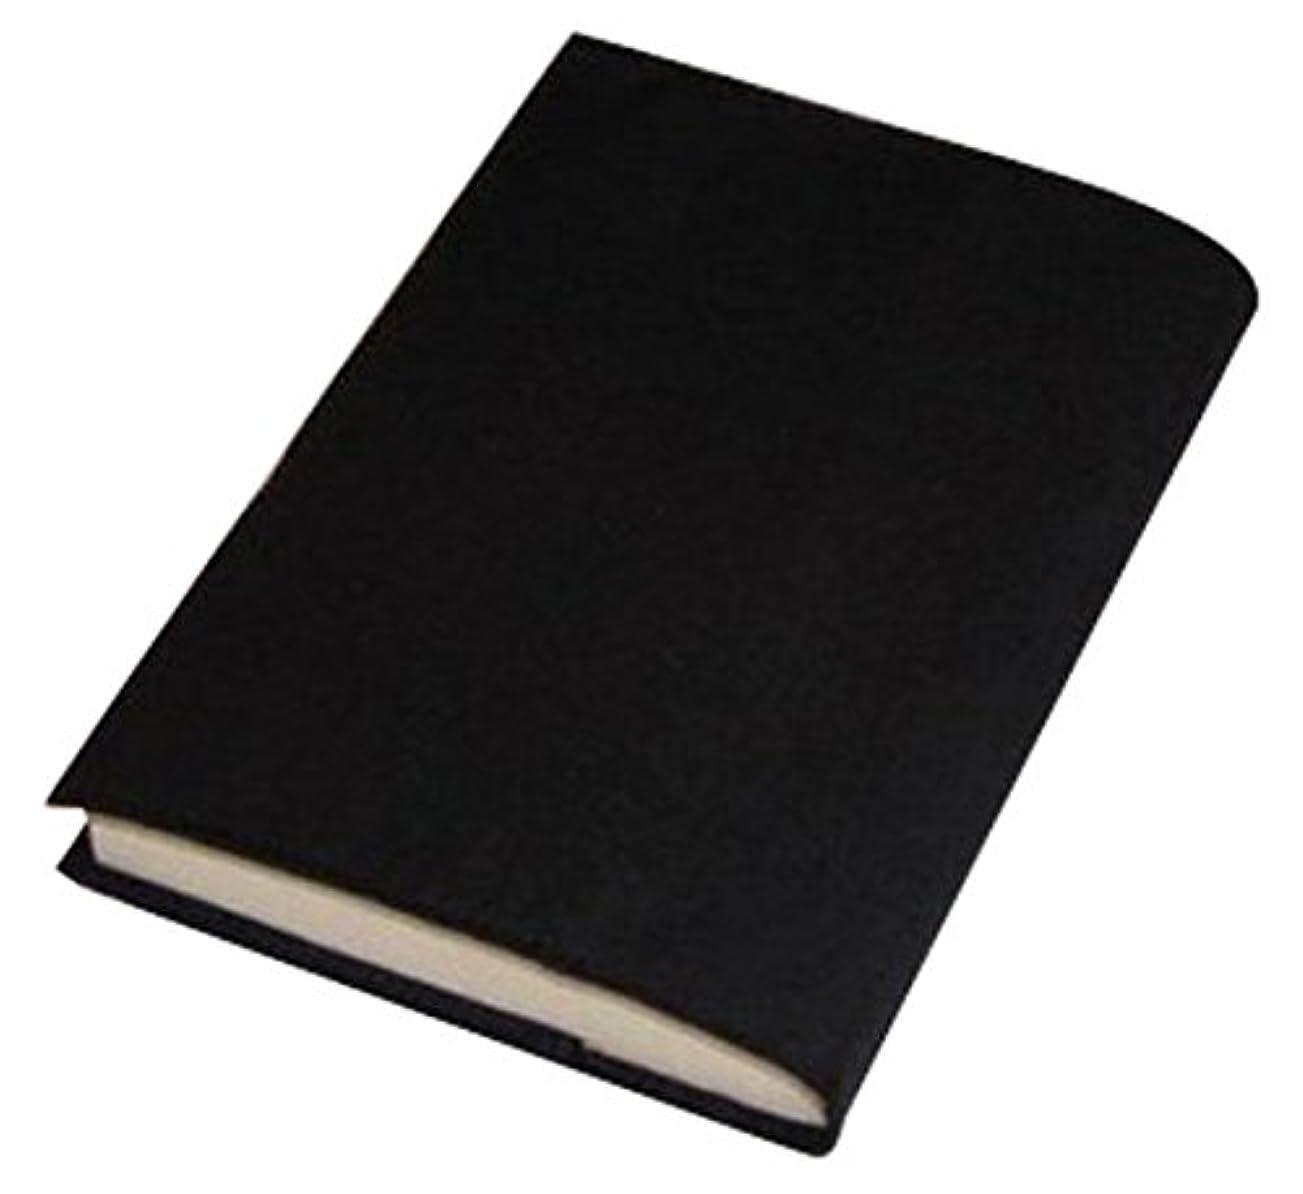 巻き戻す洋服ちなみに呉服屋のブックカバー [文庫本版:黒くろ] 薄くて軽いシンプル無地布製